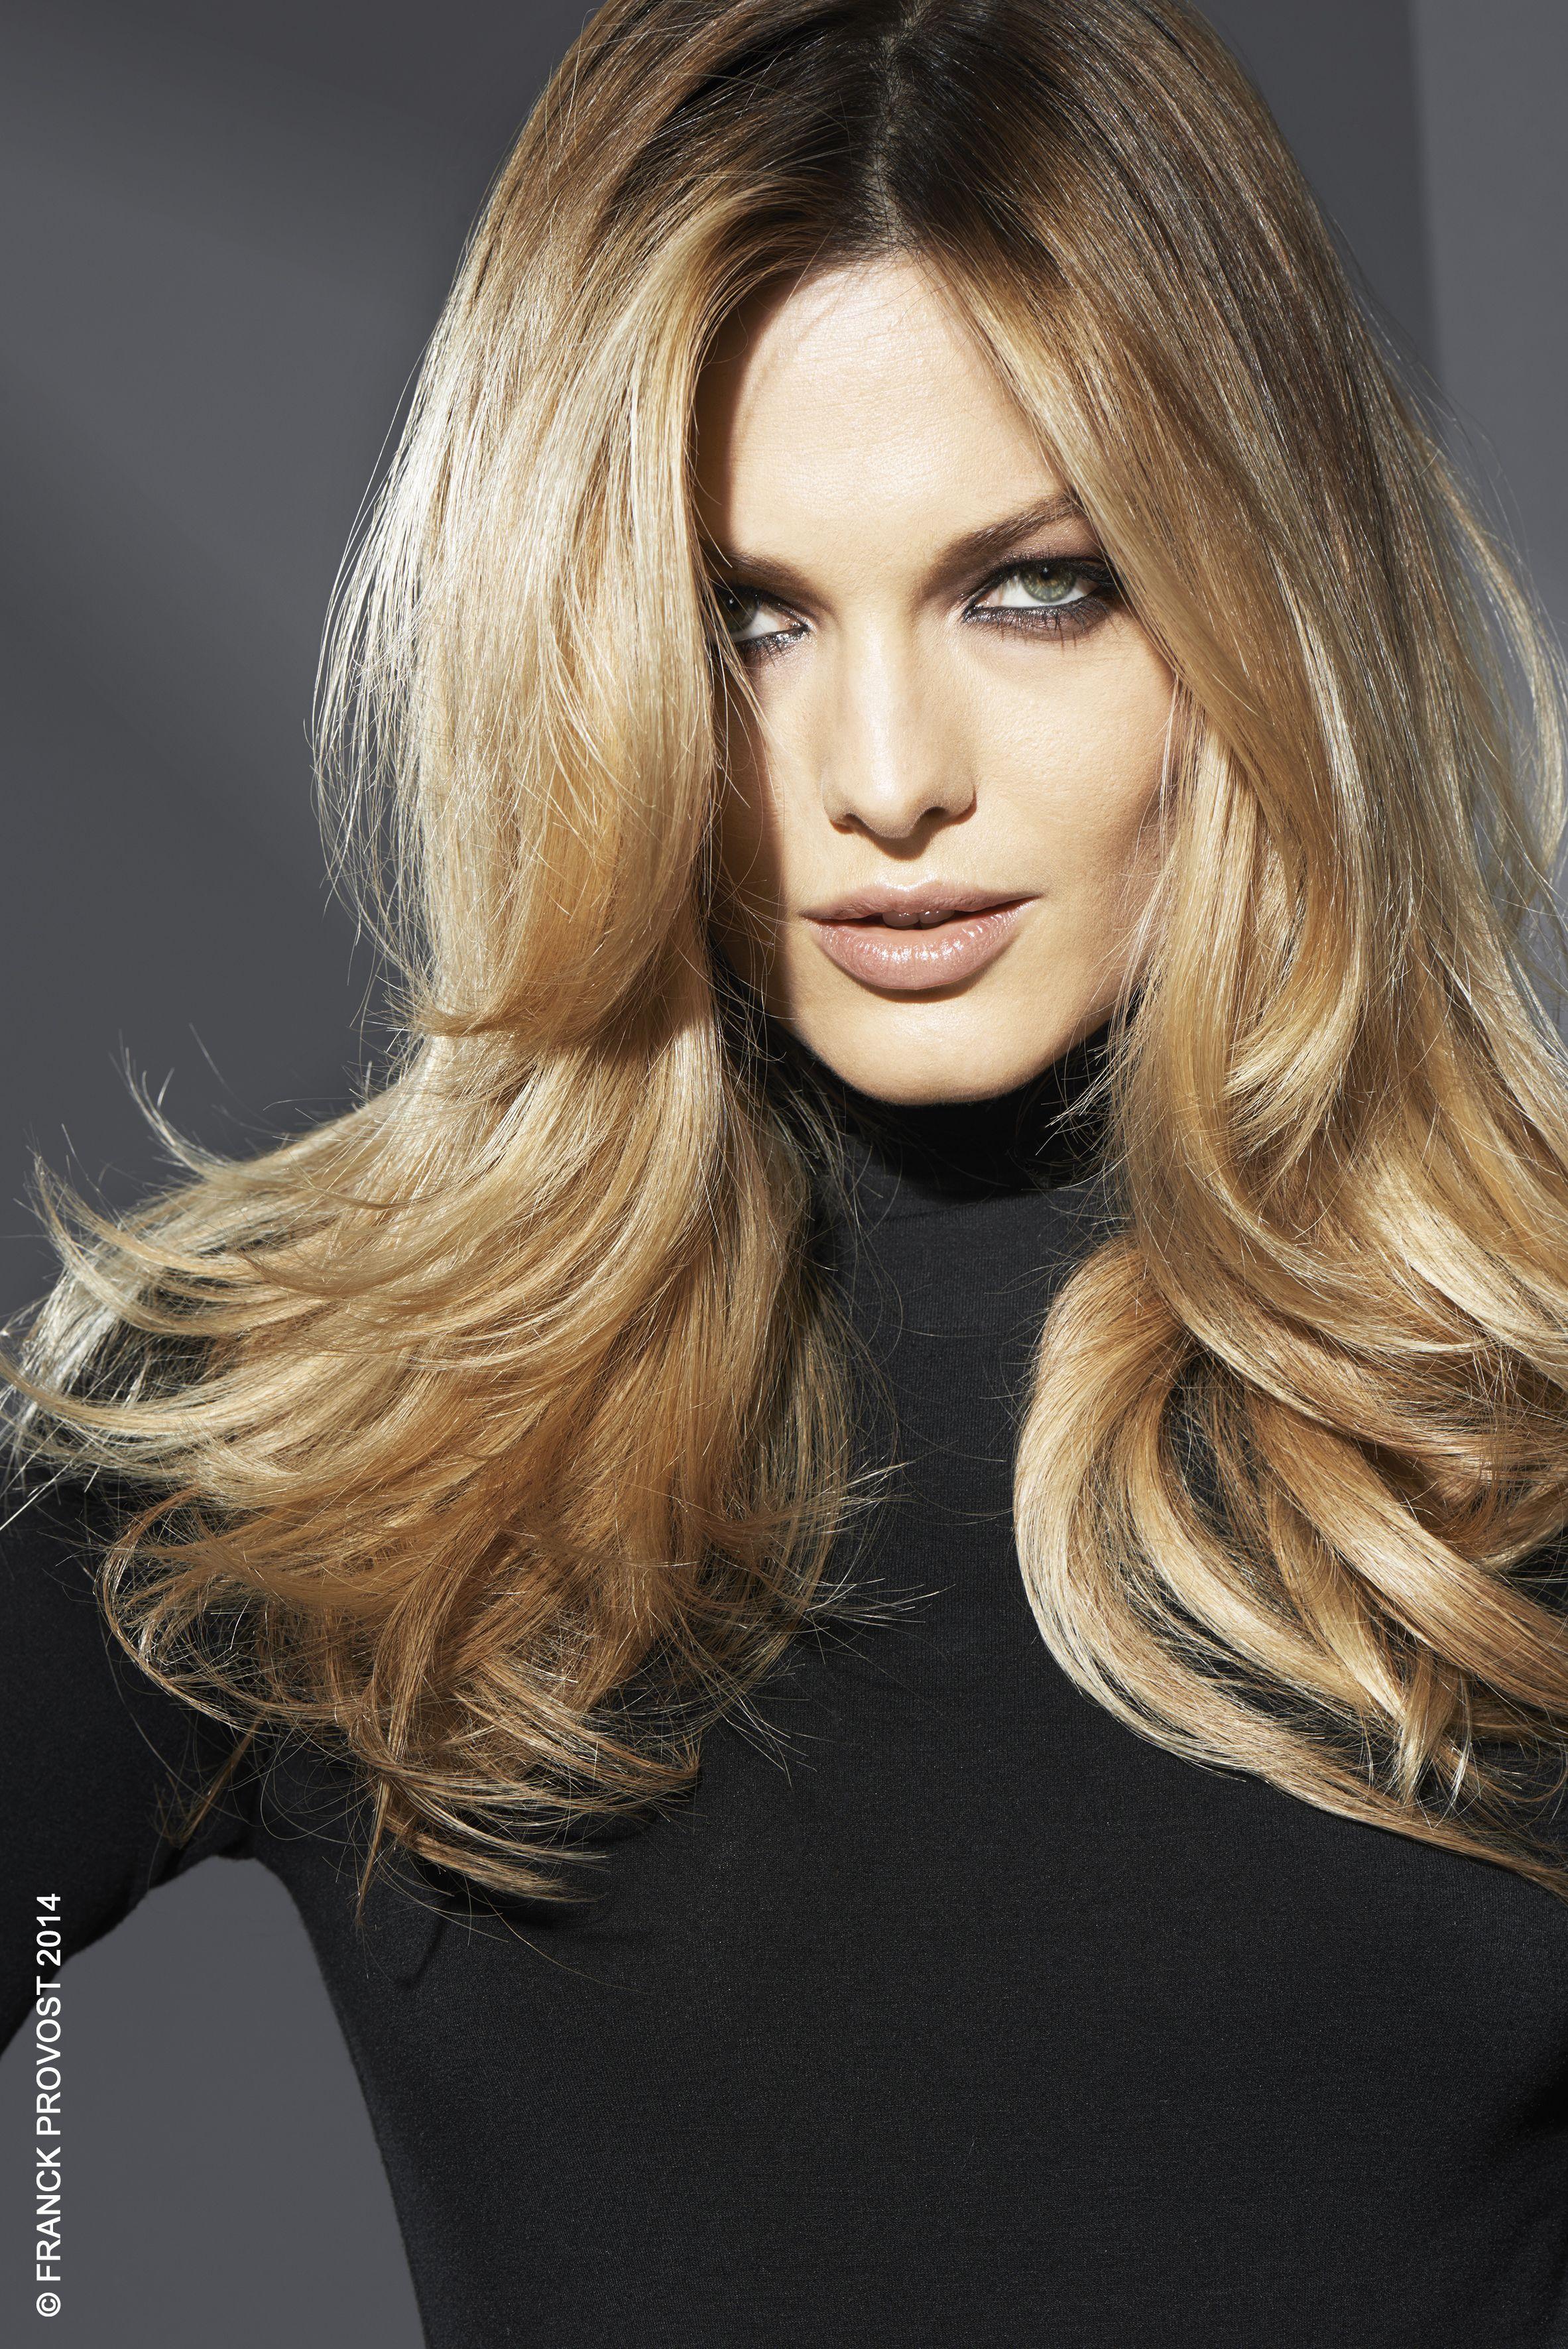 Divine Allure Un Brushing Souple Longue Duree Realise Avec Le Nouveau Service Liss Active Jusqu A 3 Jours De Tenue Col Brushing Cheveux Cheveux Coiffure